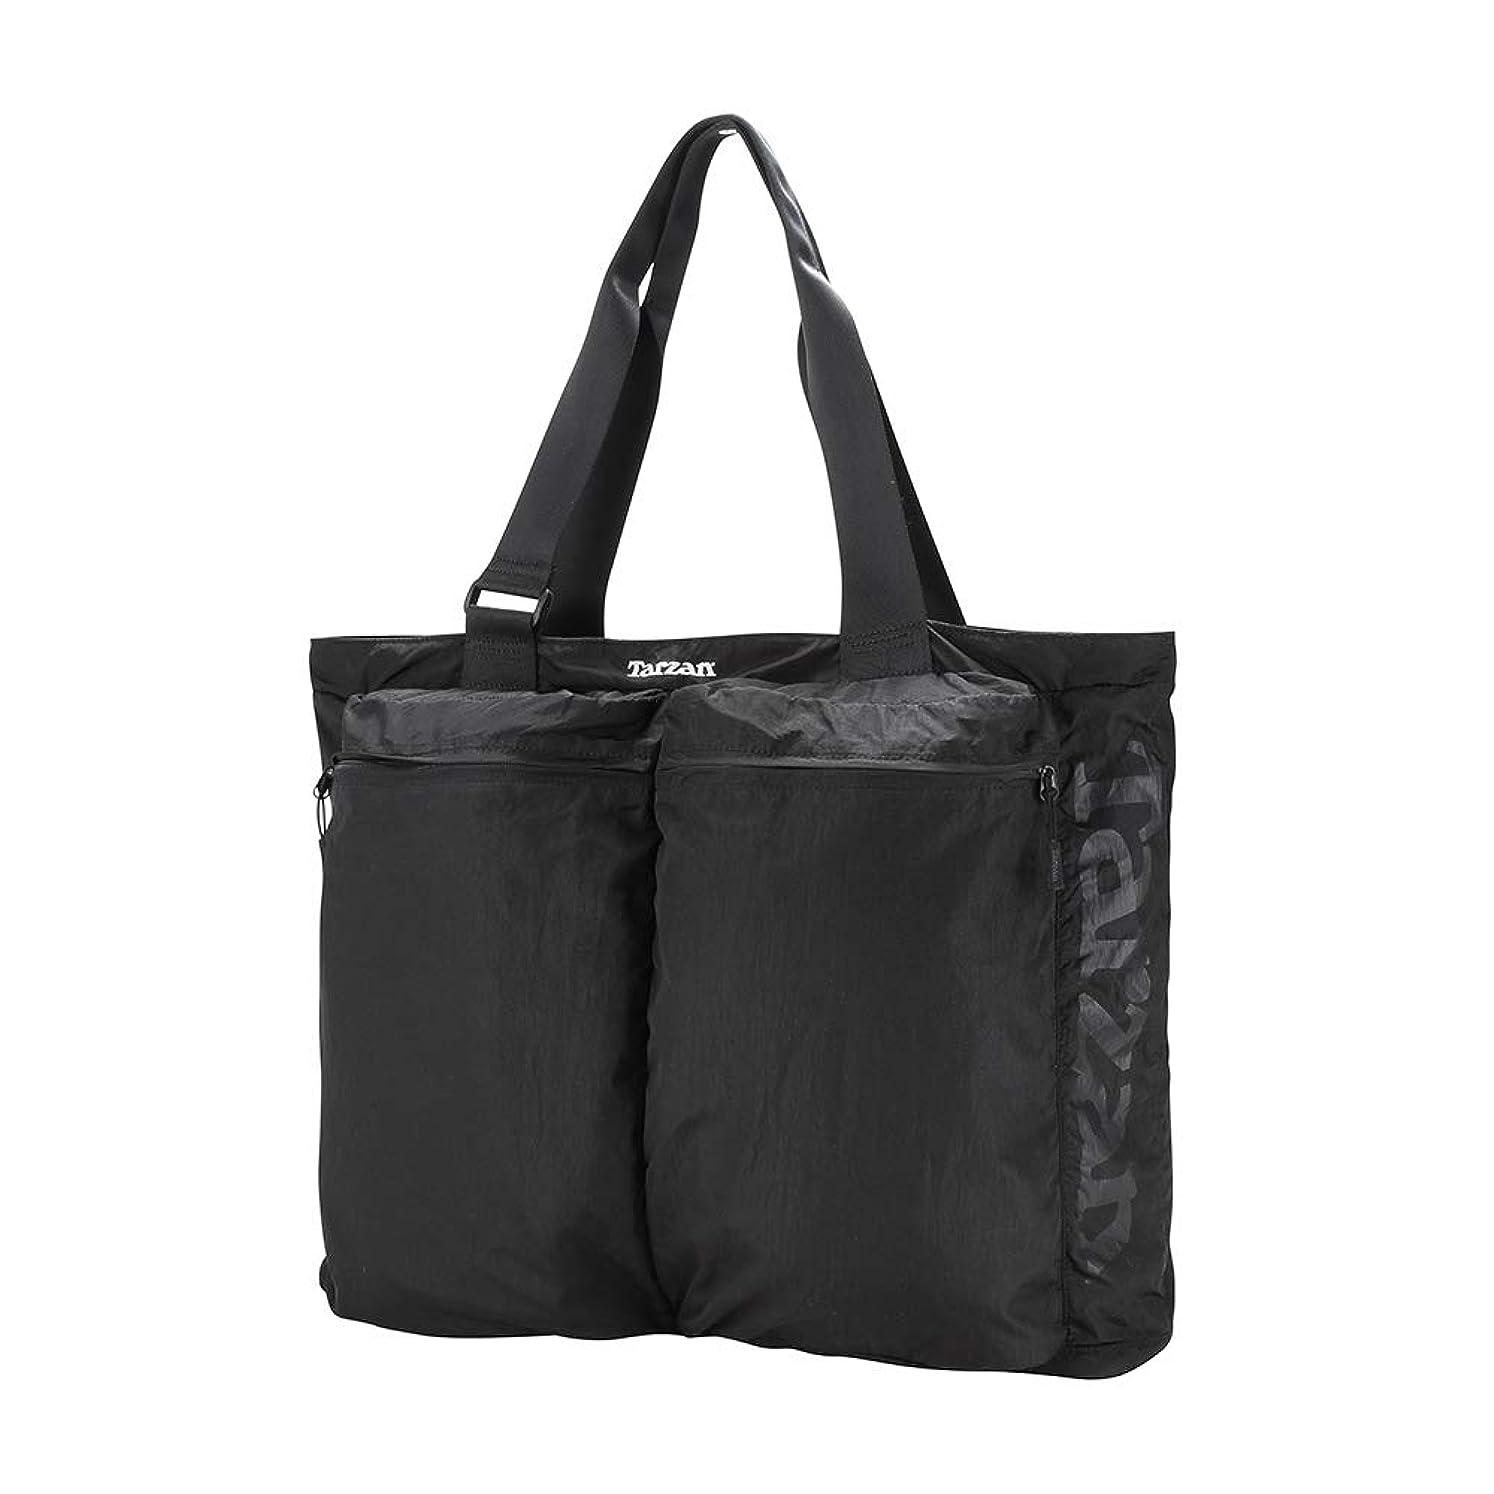 煩わしい言い聞かせるバーストTARZAN(ターザン) ジムバッグ ジムバッグ トートバッグ 鞄 かばん TZB-1500 メンズ